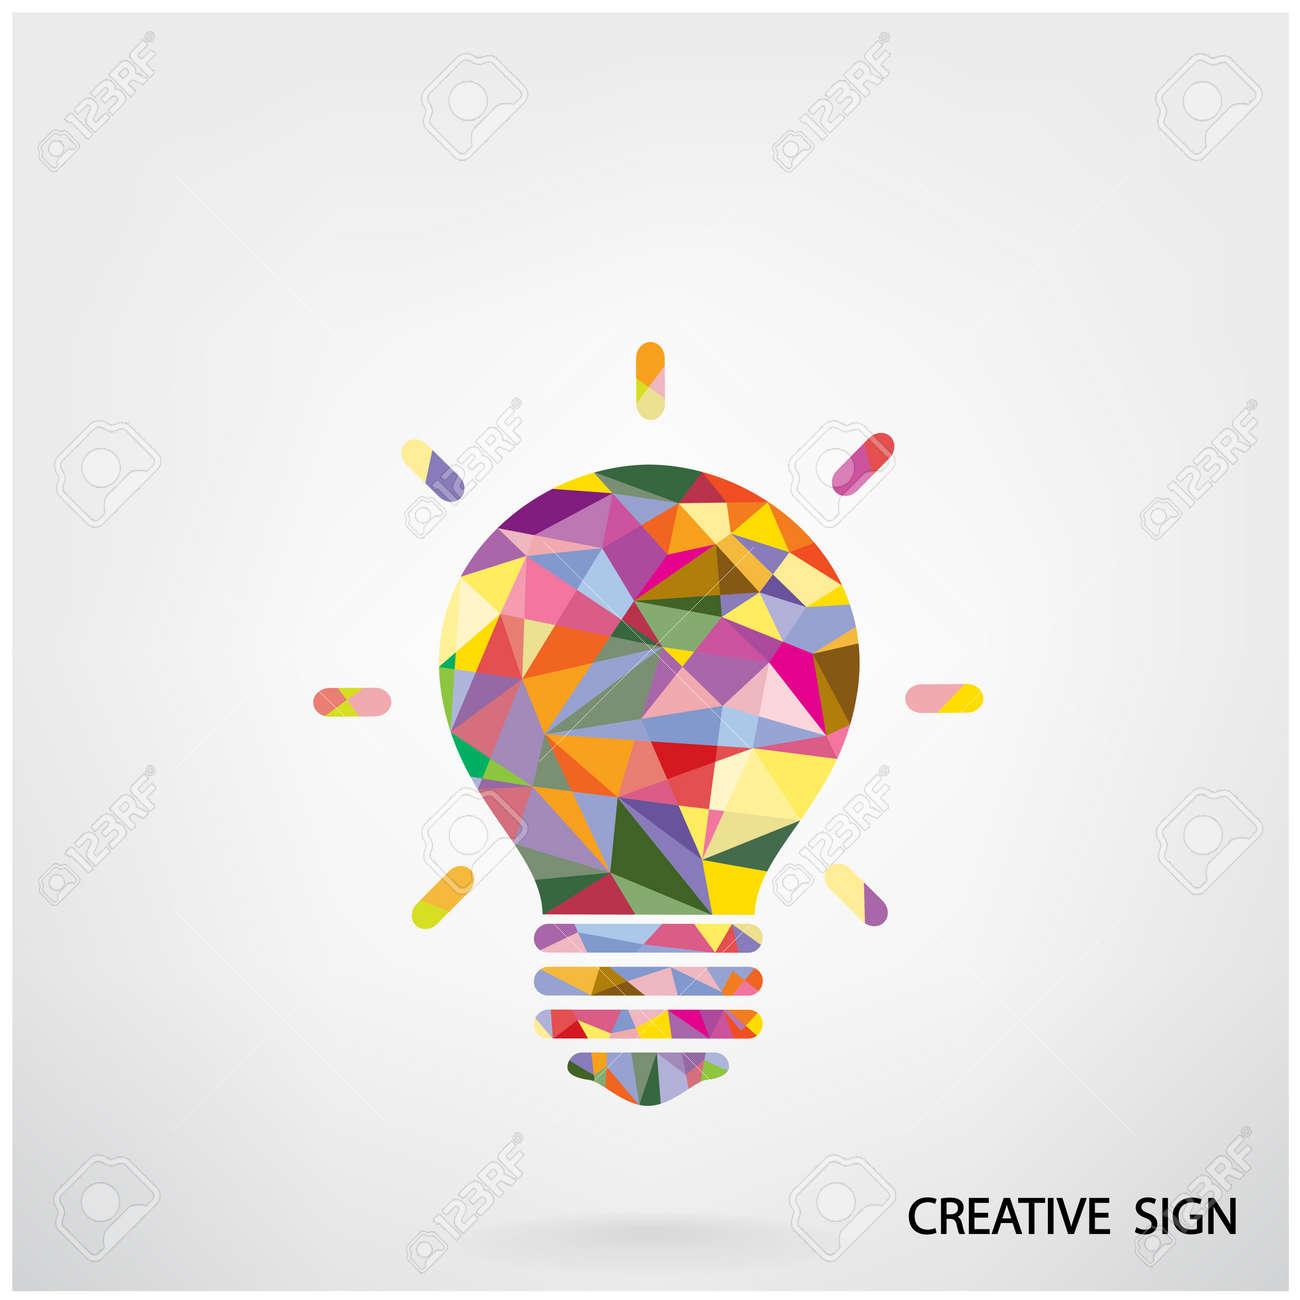 banque dimages color crateur ampoule ide concept design fond pour la brochure de couverture affiche flyer ide dentreprise fond abstrait - Ampoule Colore